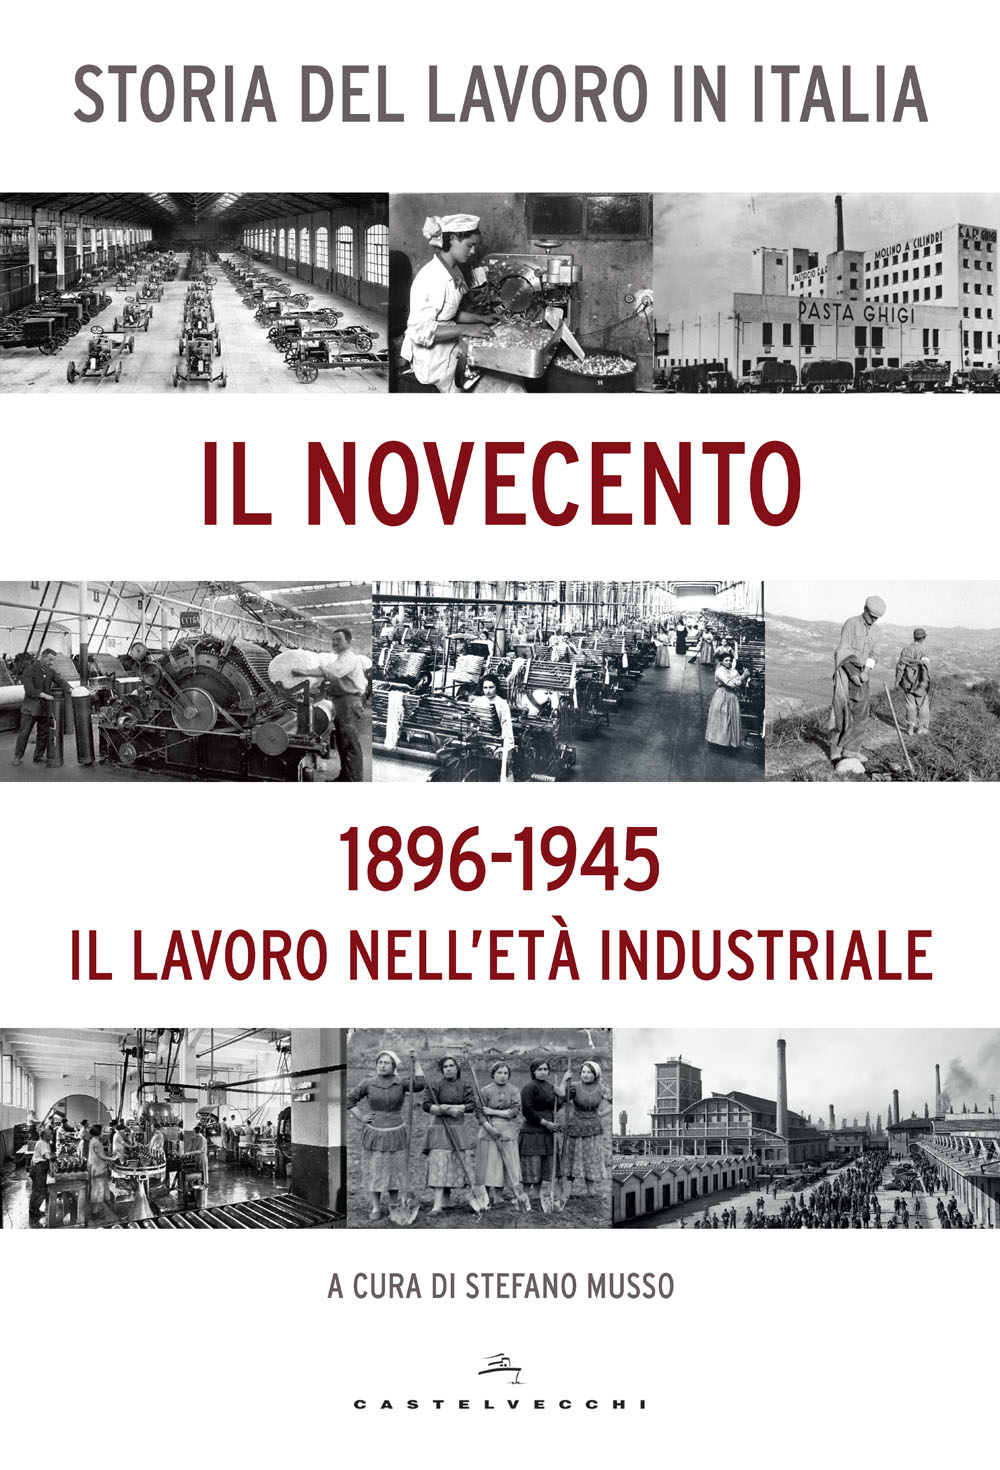 Storia del lavoro in Italia - Vol. 1